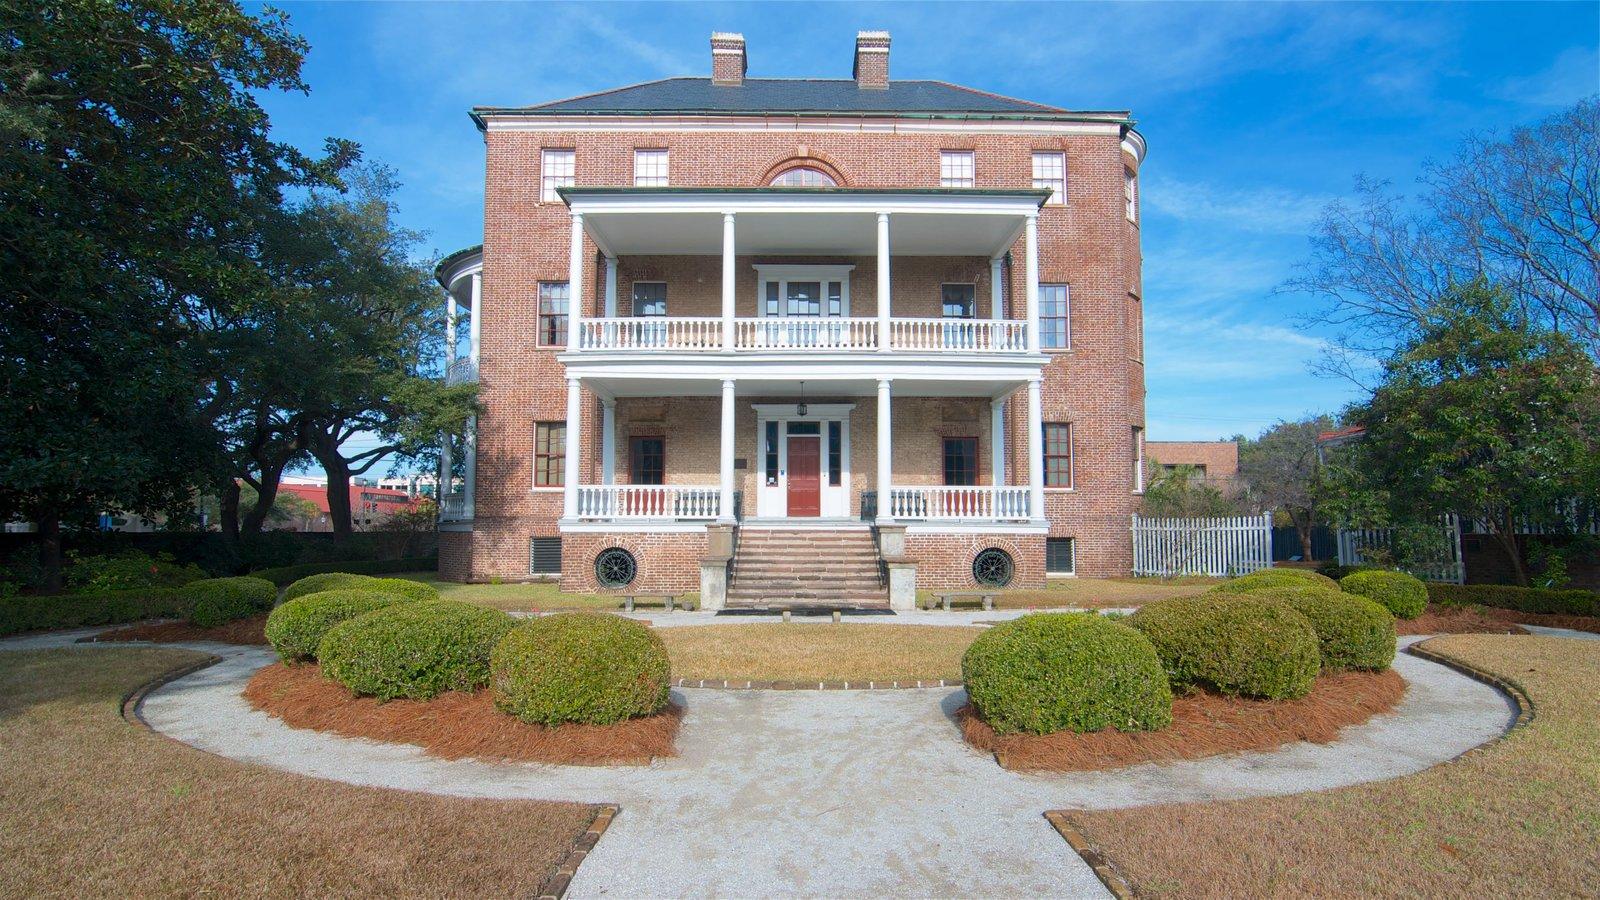 Joseph Manigault House caracterizando elementos de patrimônio e uma casa